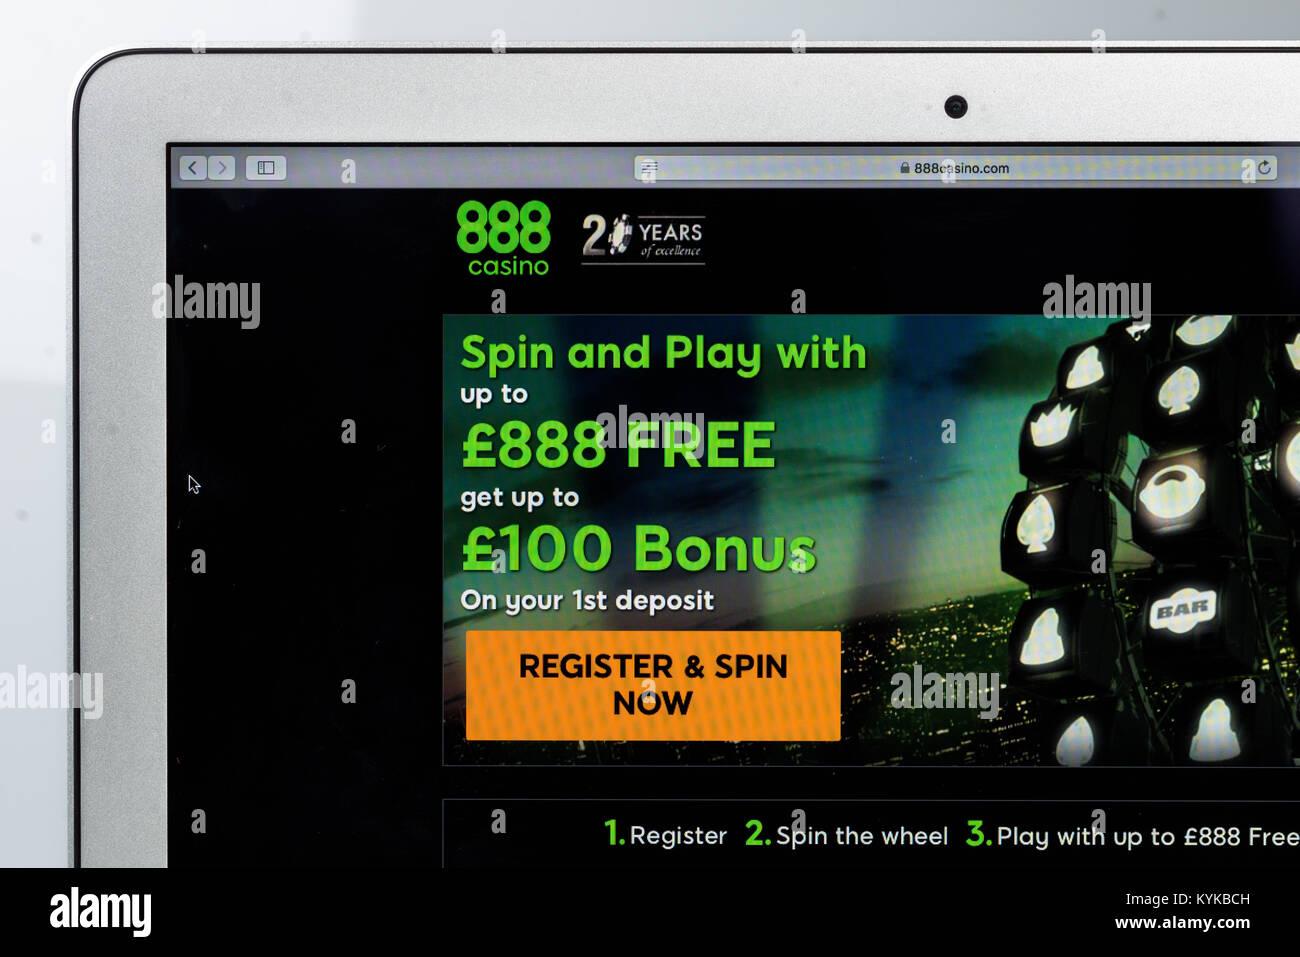 888.com online casino site. - Stock Image